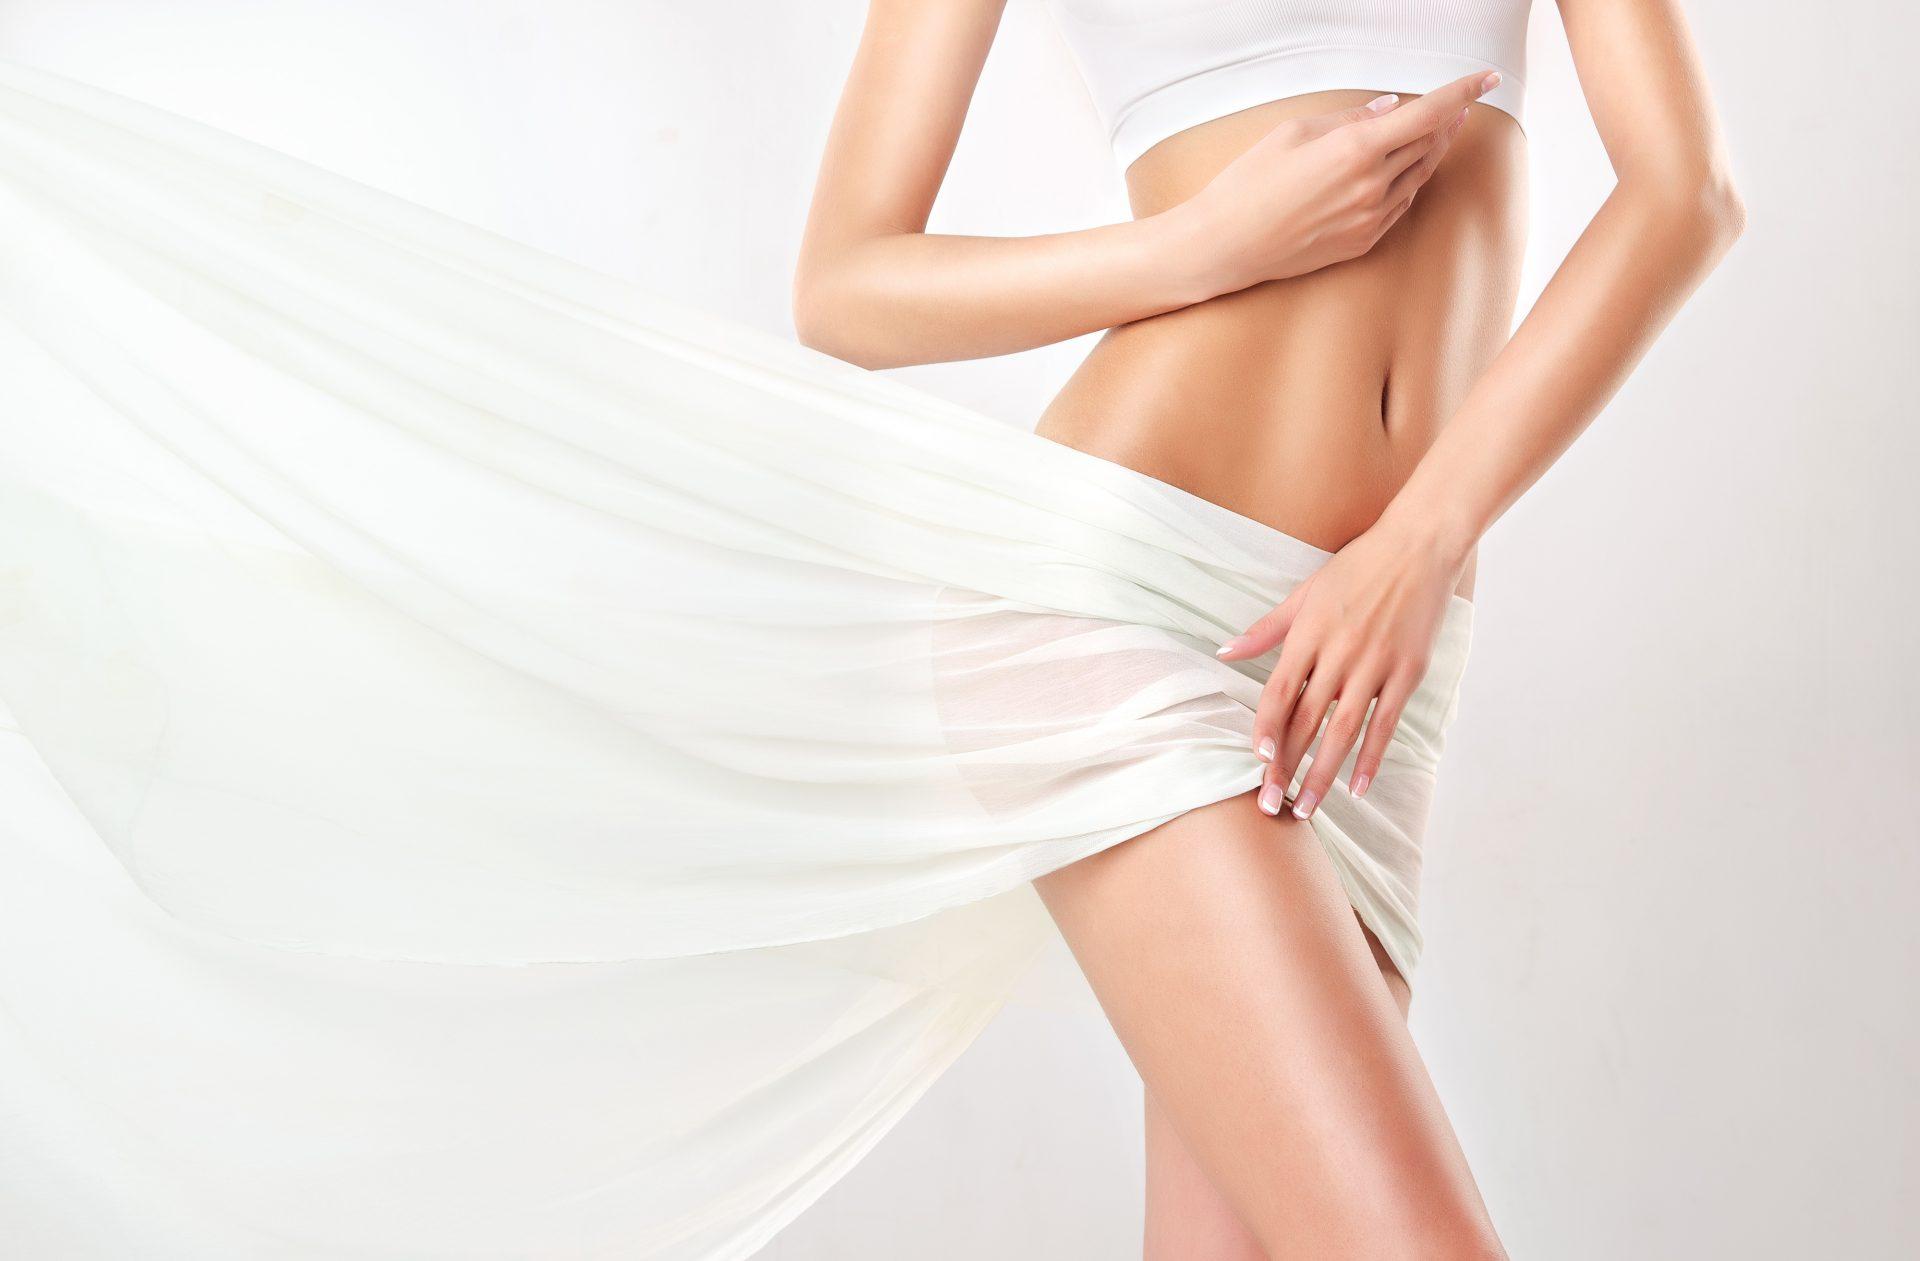 medicina estetica clinica plastica milano